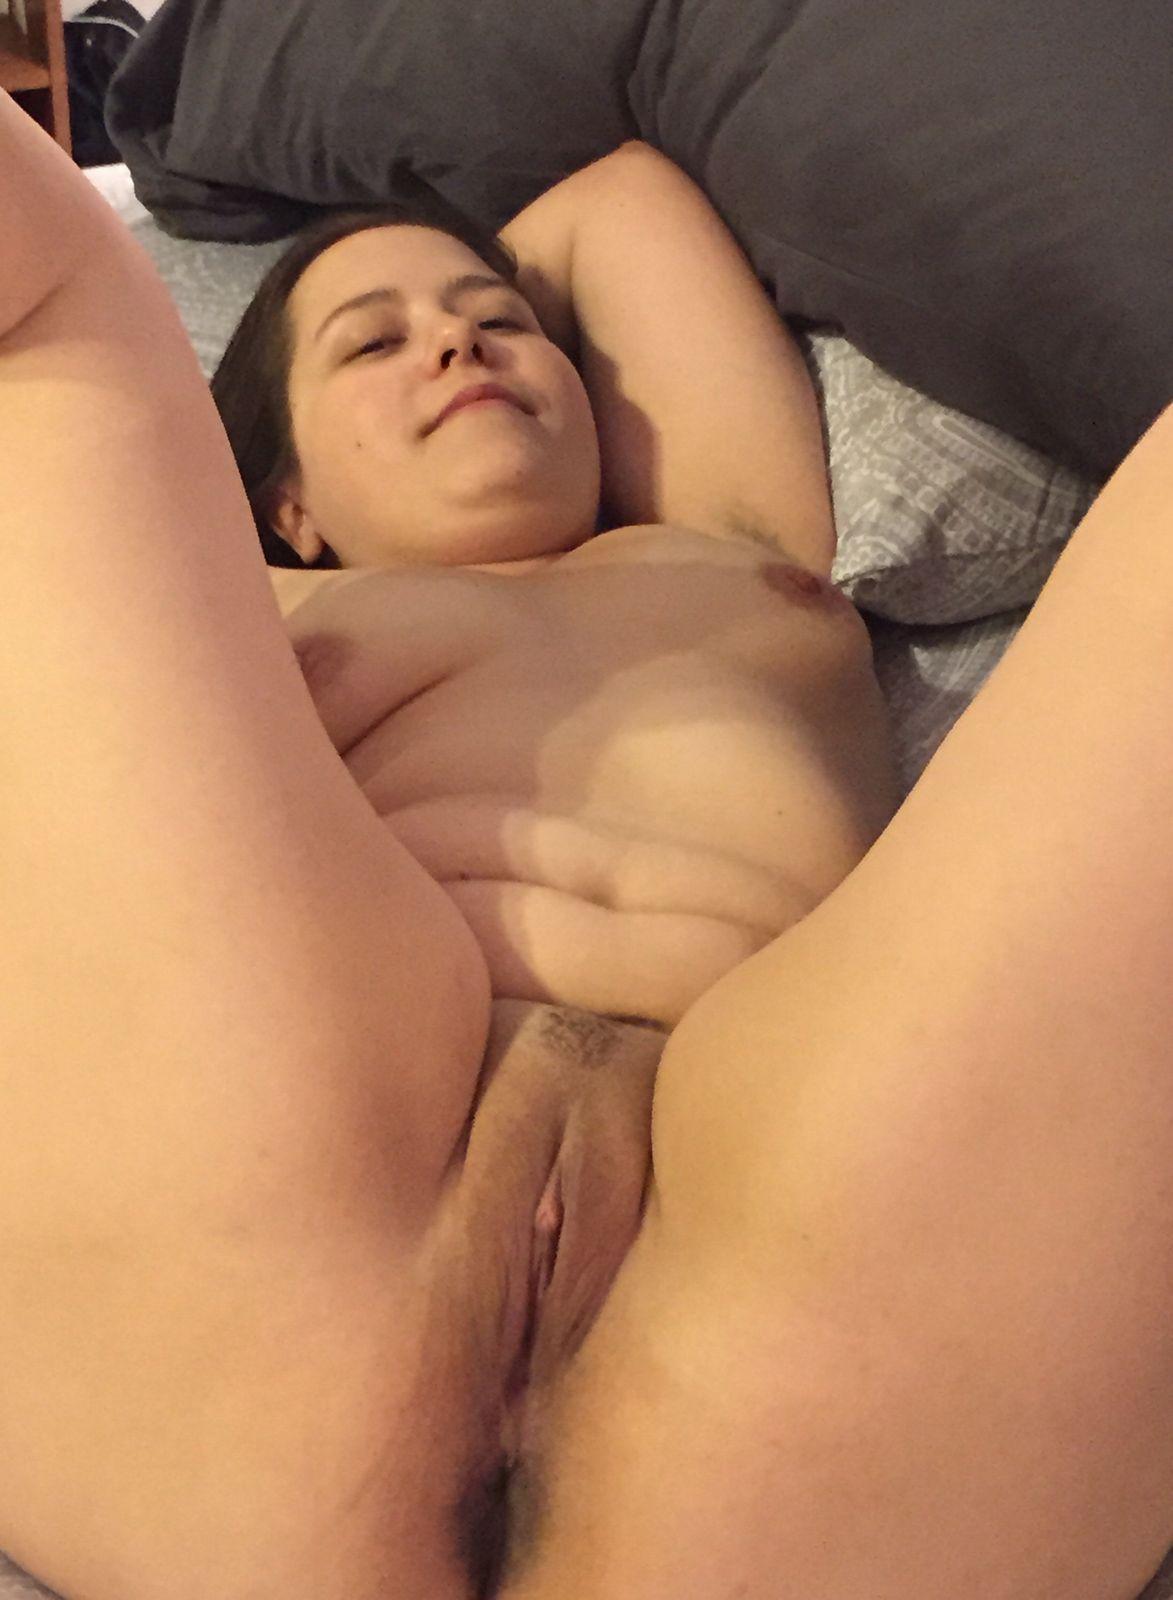 Смотреть вагина онлайн